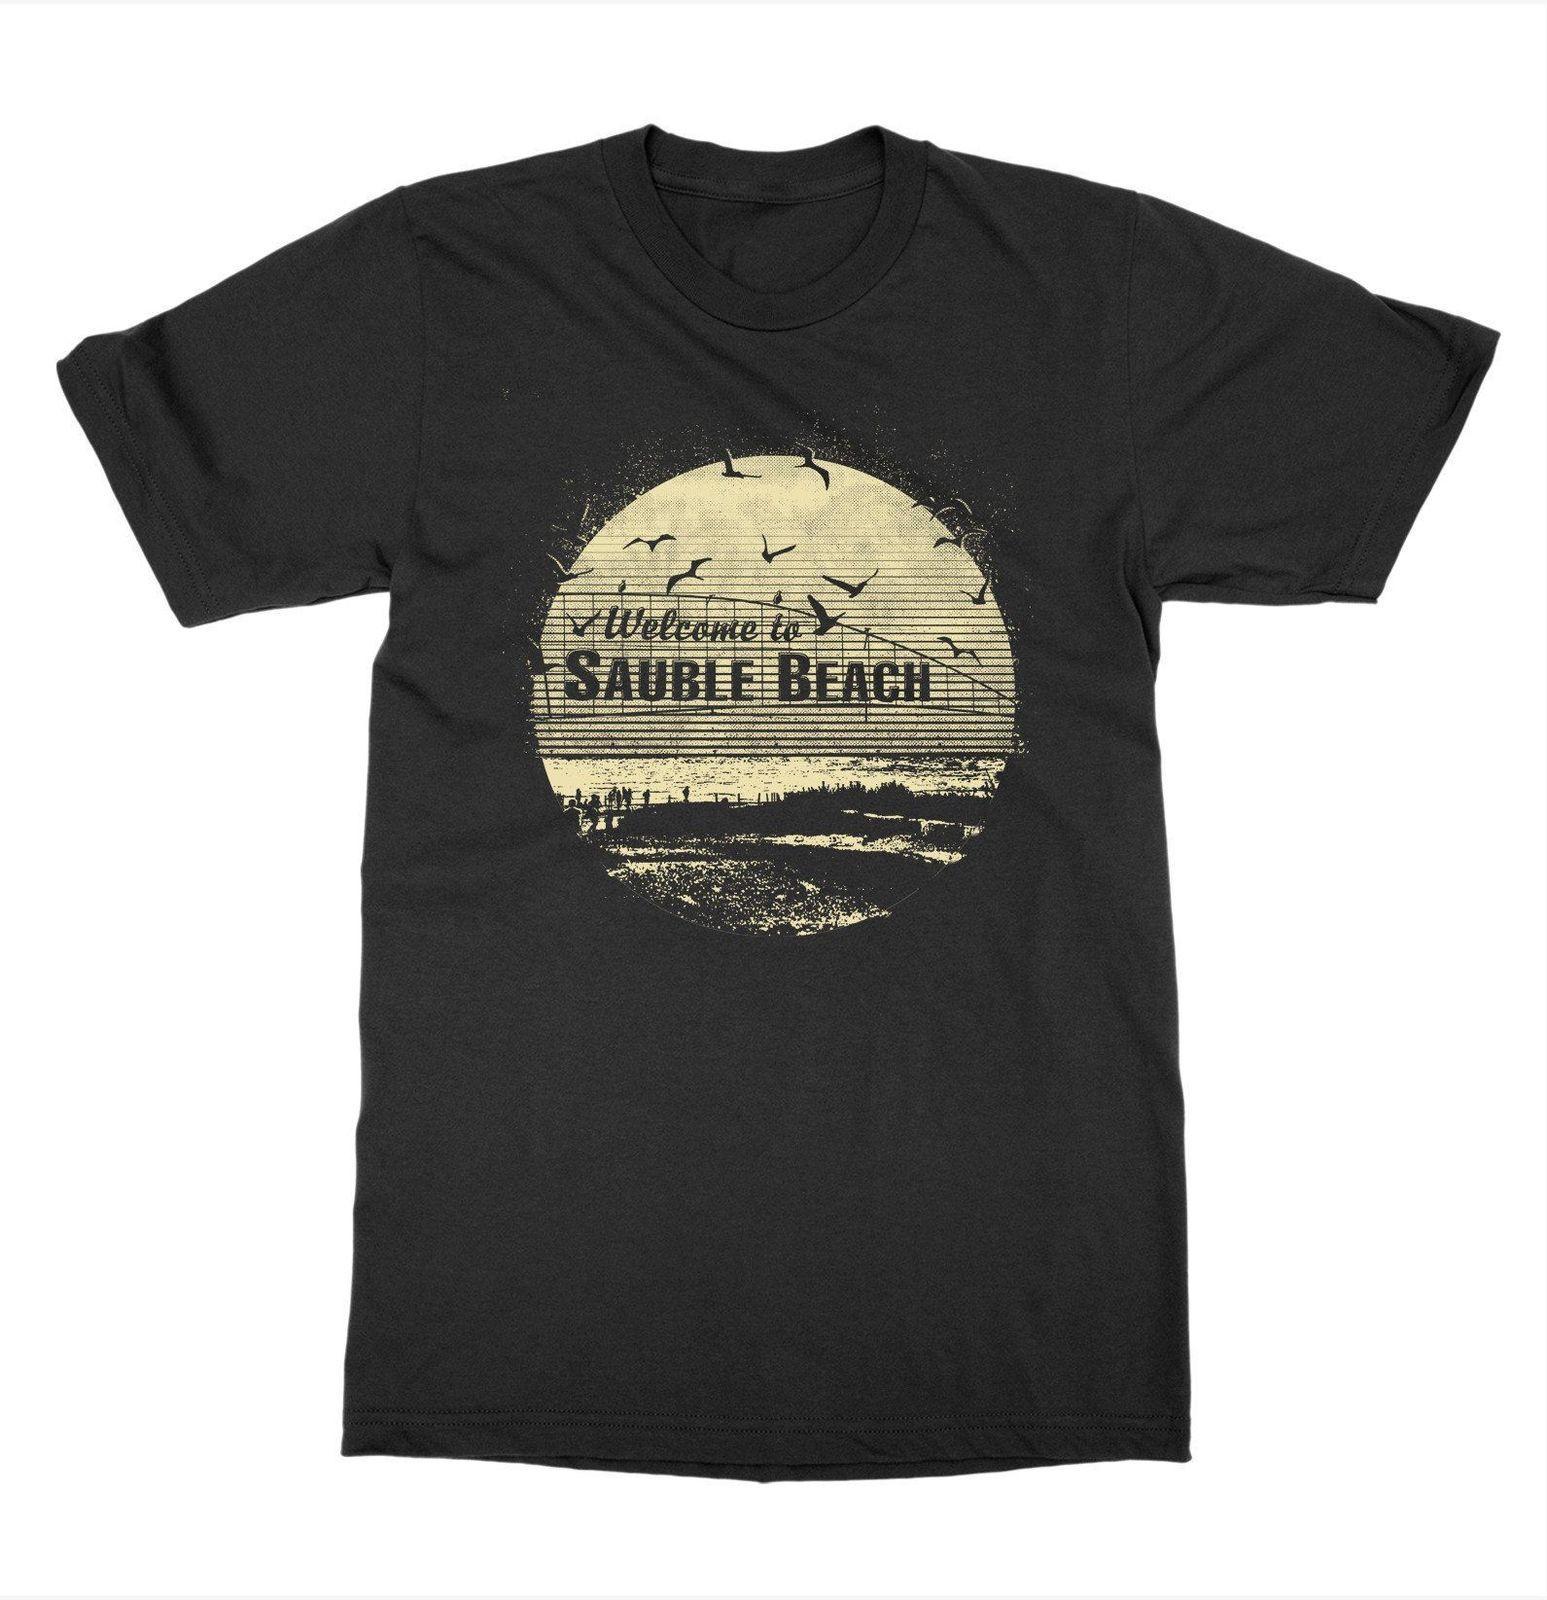 2019 nuevos hombres de Sauble Beach Ontario camiseta Cottage Cabañas Canadá Alquiler Campo Outdoorer Logia Camiseta